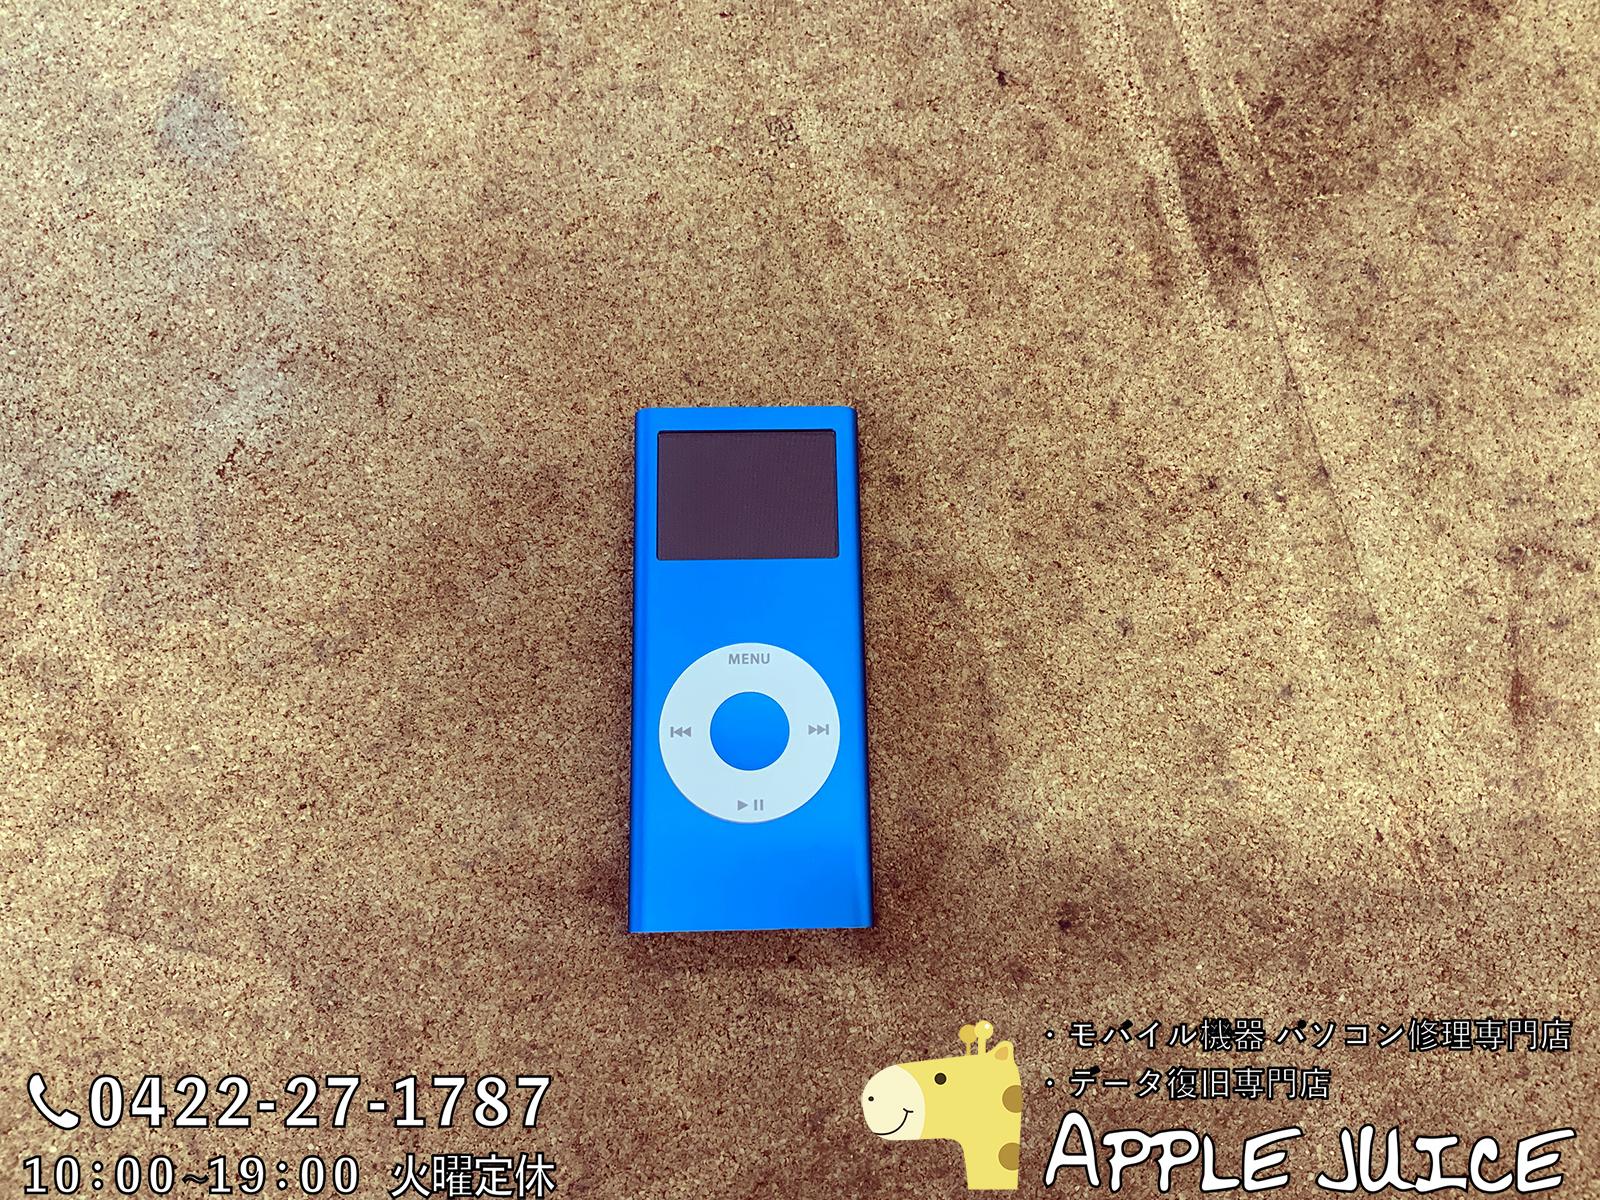 埼玉県さいたま市よりipod Nano 2 バッテリー交換修理のご依頼 19 3 18 Iphone Ipad Ipod Mac修理 データ復旧 基板修理 Applejuice吉祥寺店